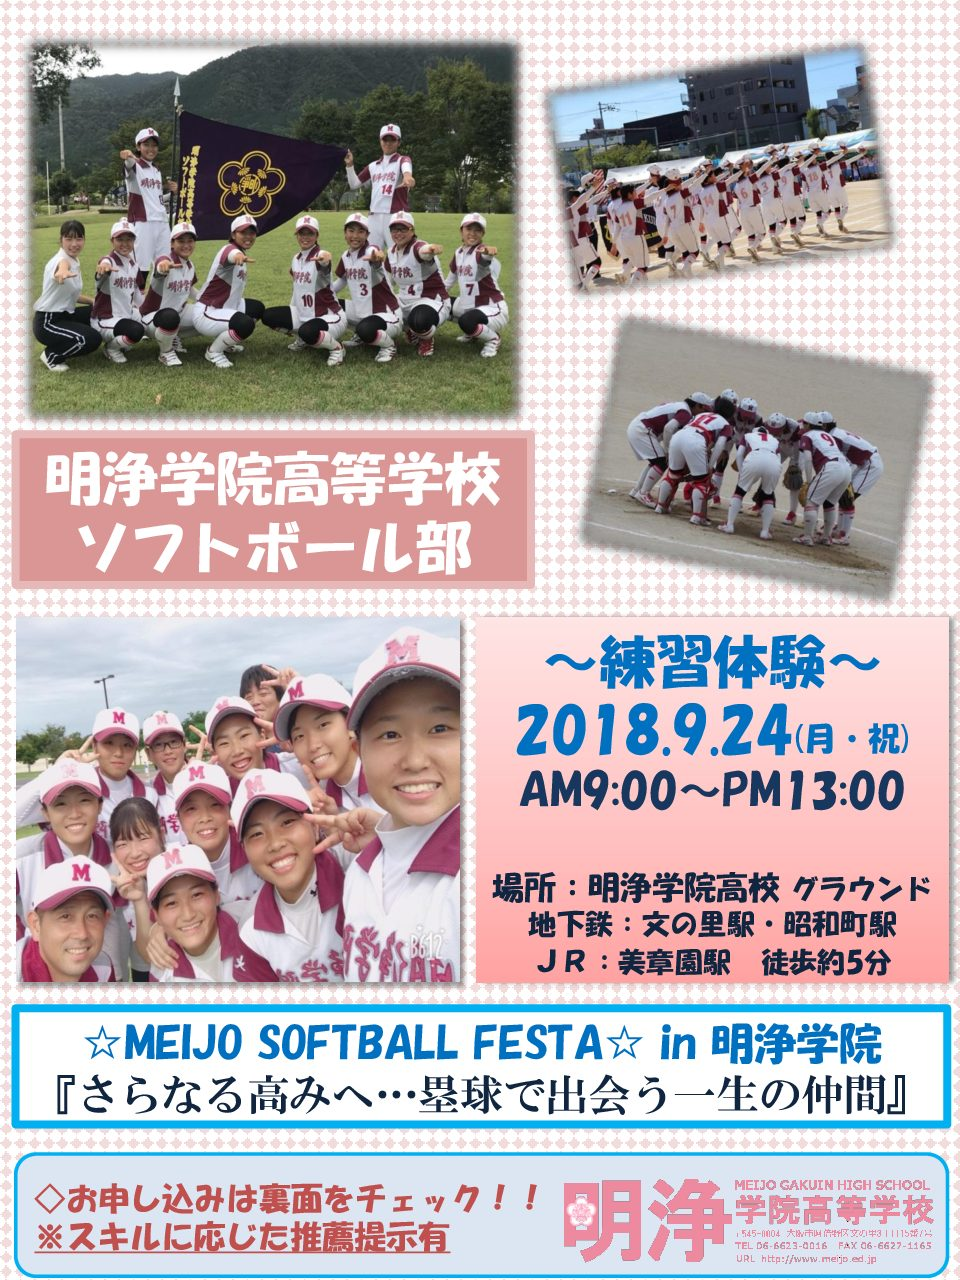 9/24(月・祝)「MEIJO SOFTBALL FESTA」を開催します!(ソフトボール部)